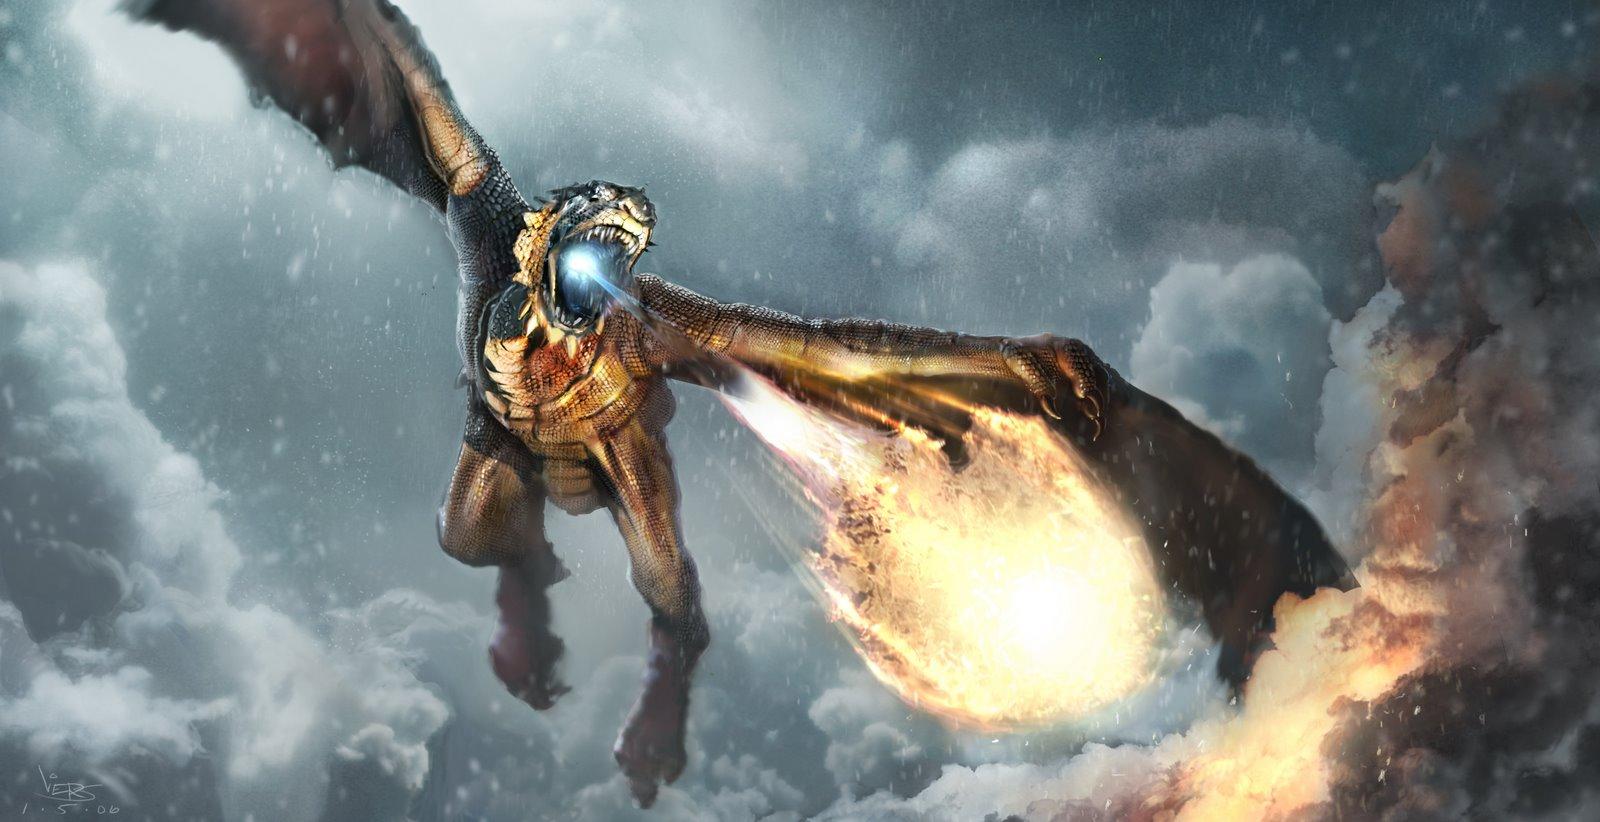 Dragon Wyvern Fire 1600x822